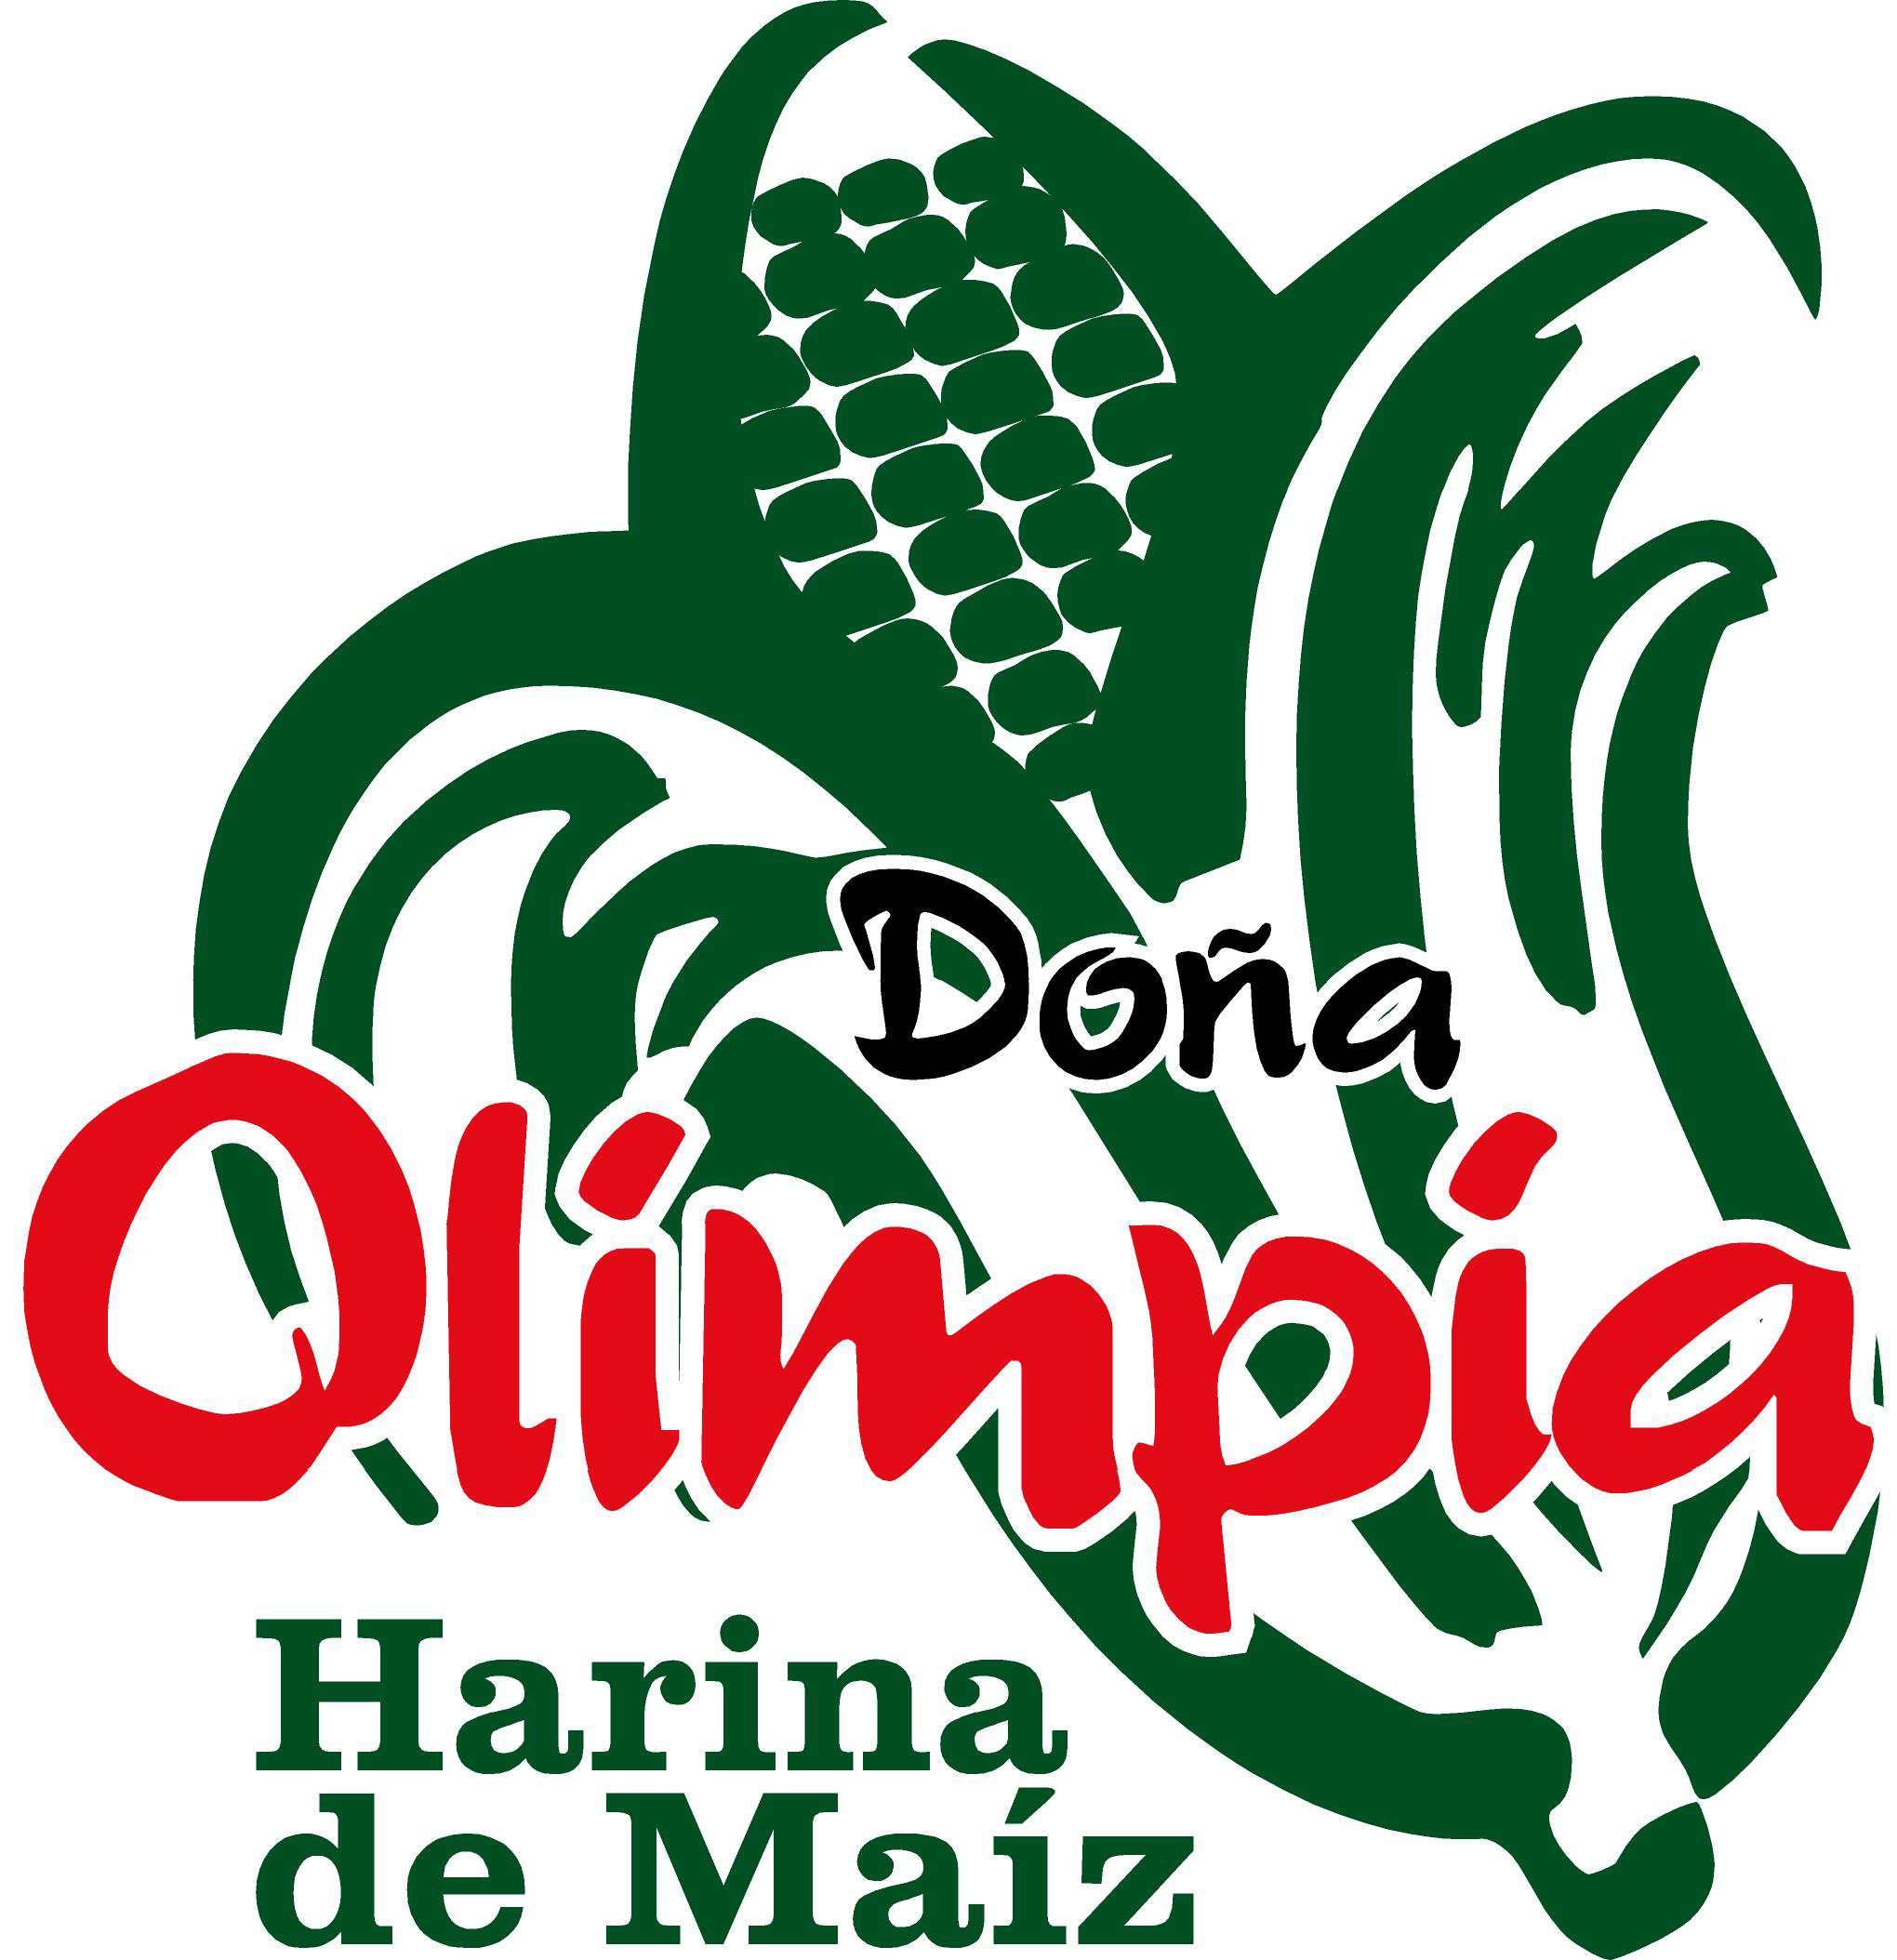 Doña_Olimpia.jpg